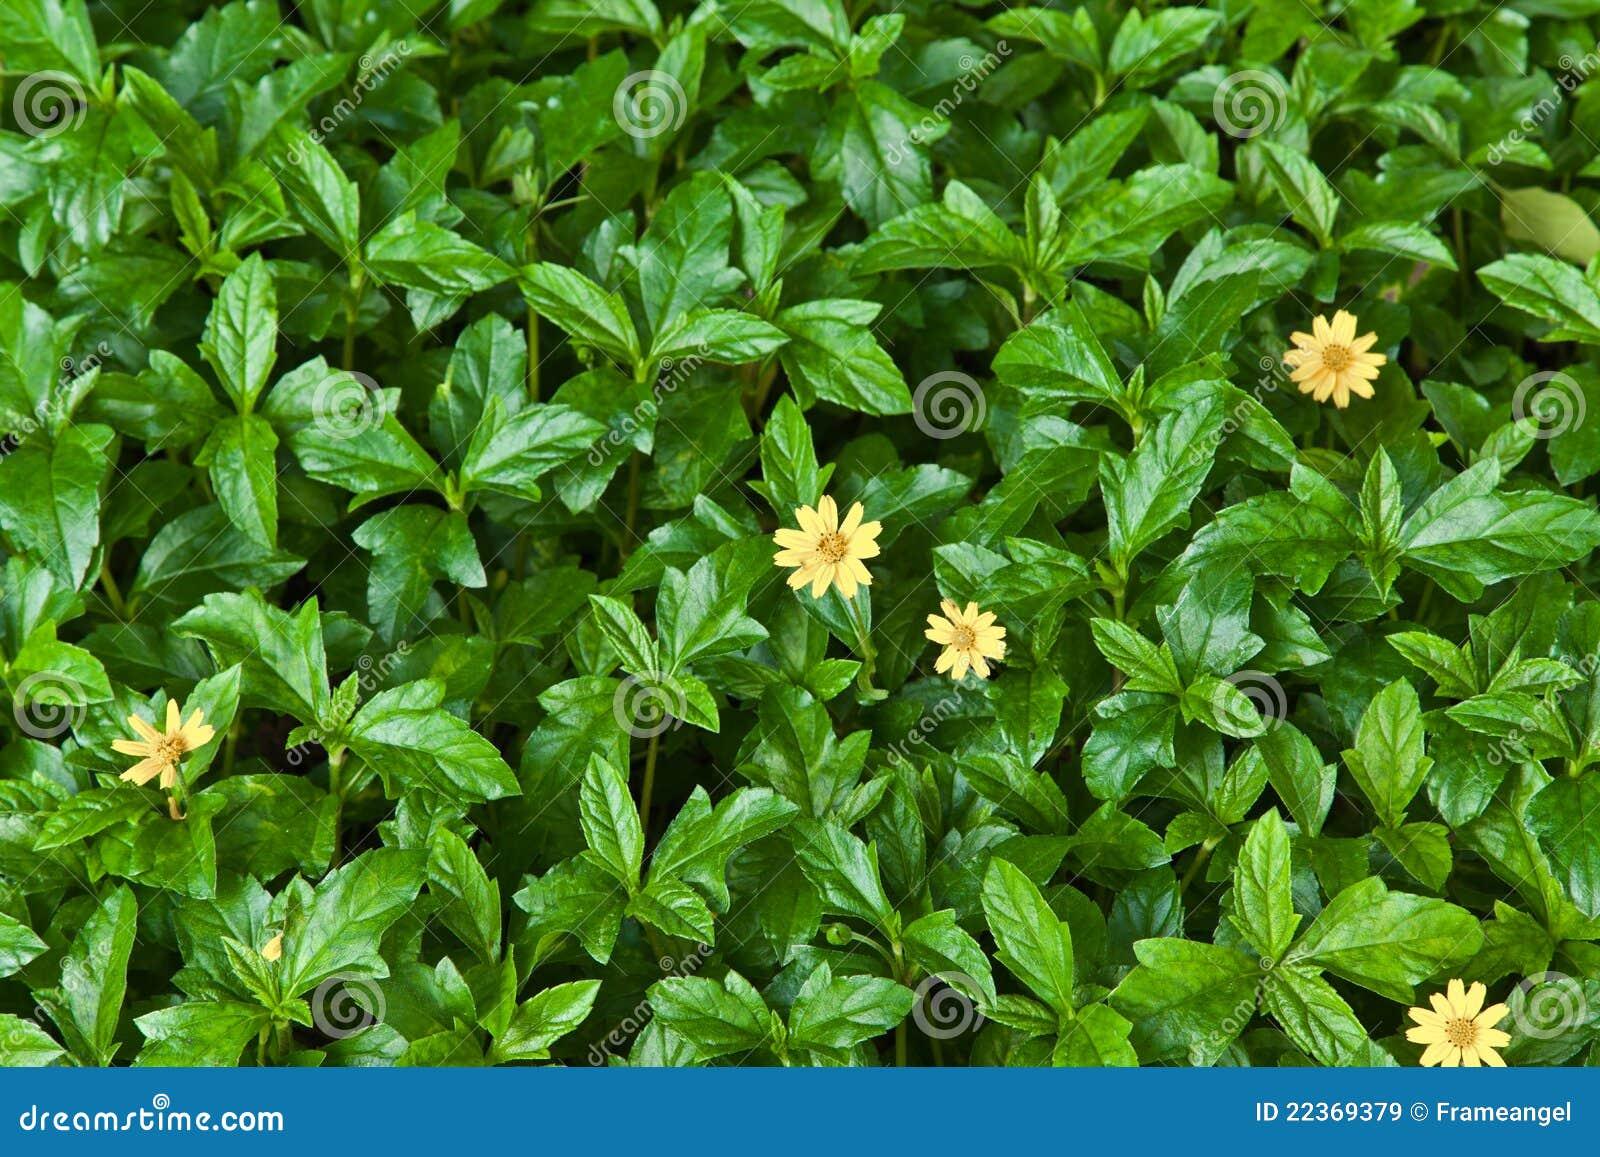 Fond de nature de feuille verte et de fleur jaune image stock image du feuillage floral 22369379 - Initiatives fleurs et nature ...